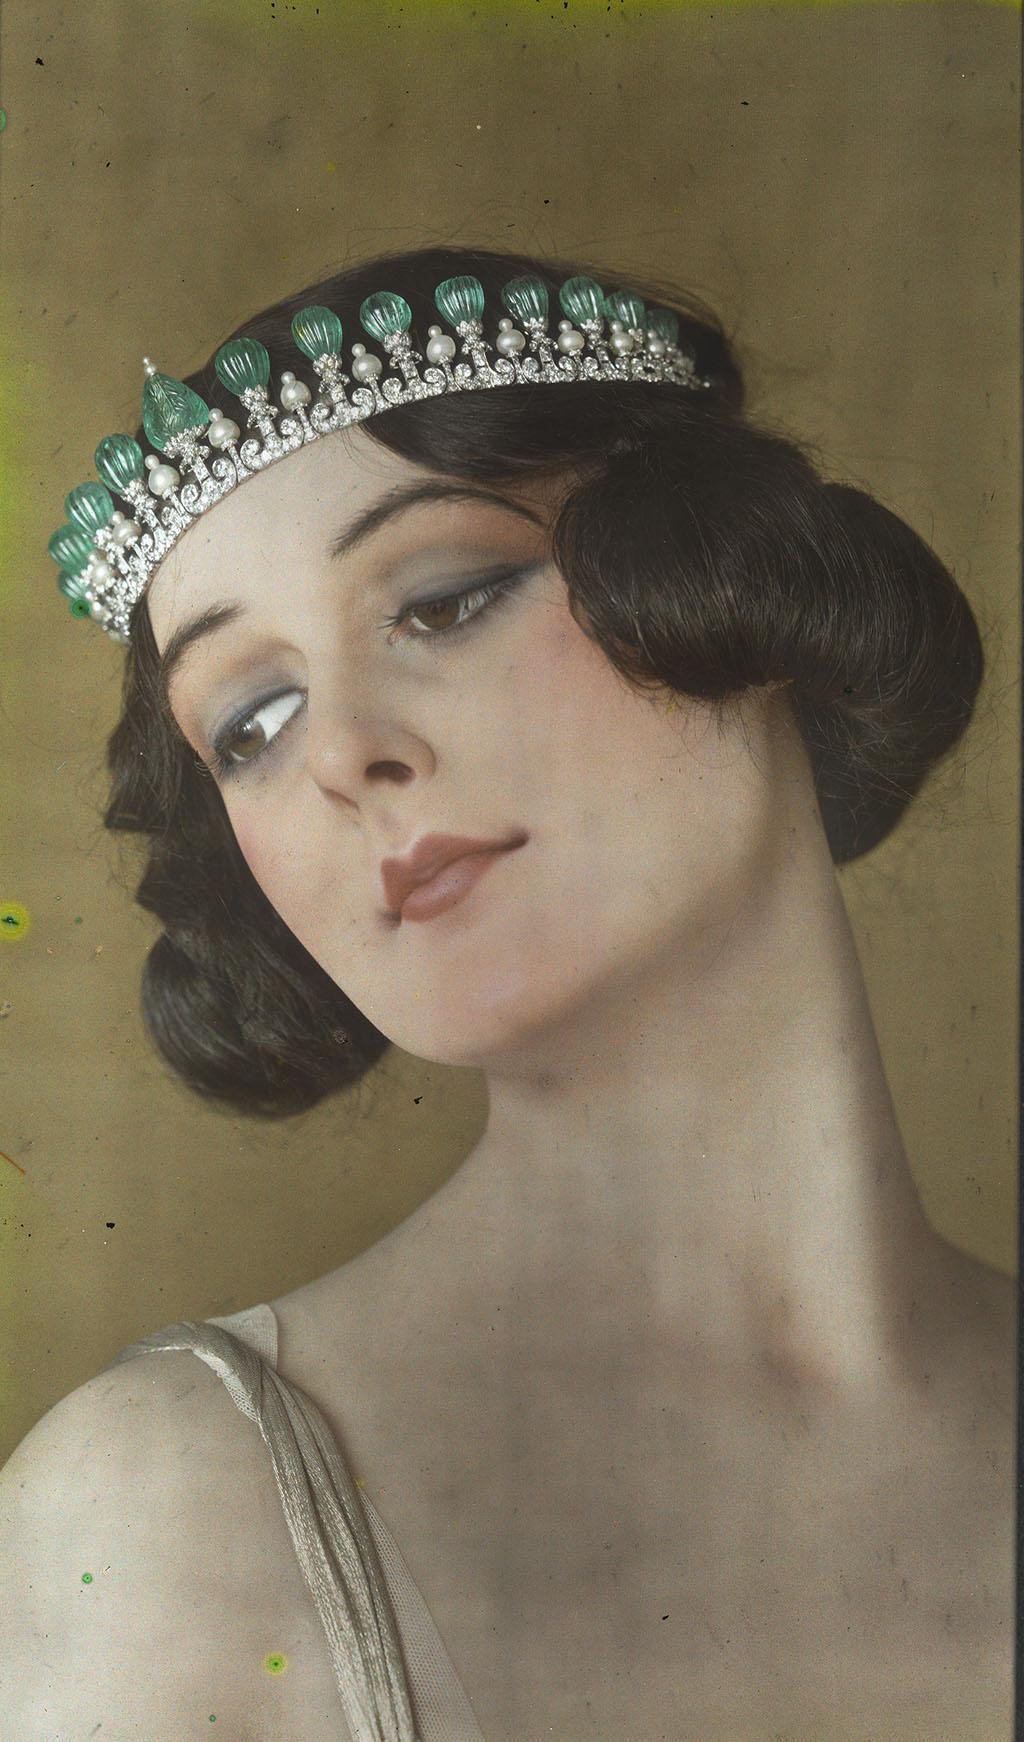 Cartier Париж, 1923 Факсимиле автохрома (серебряно-желатиновая печать на стекле) На восковом манекене представлена диадема-бандо, выполненная из платины, изумрудов, жемчуга и бриллиантов